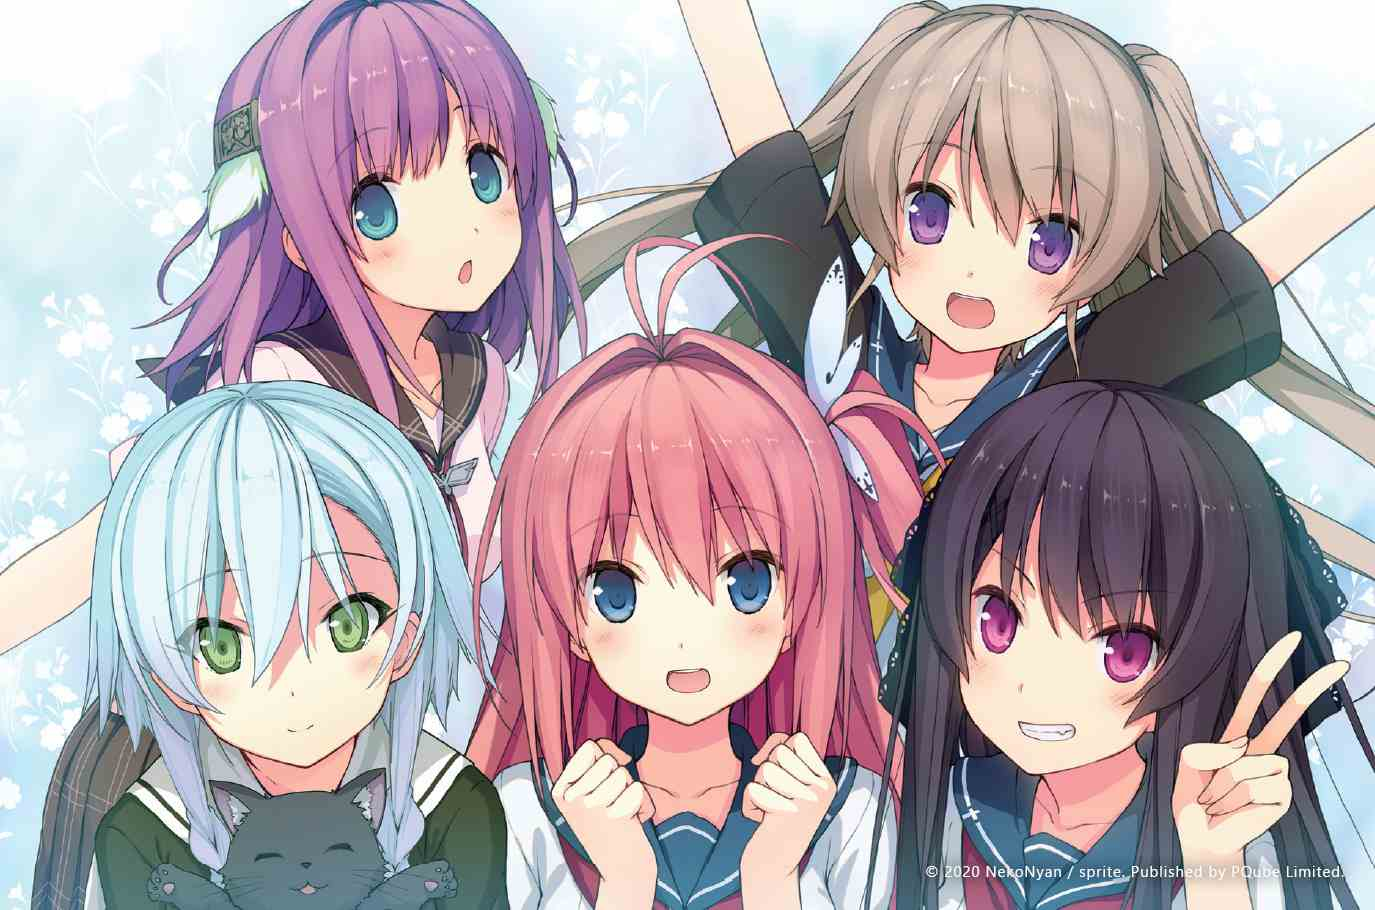 Aokana group